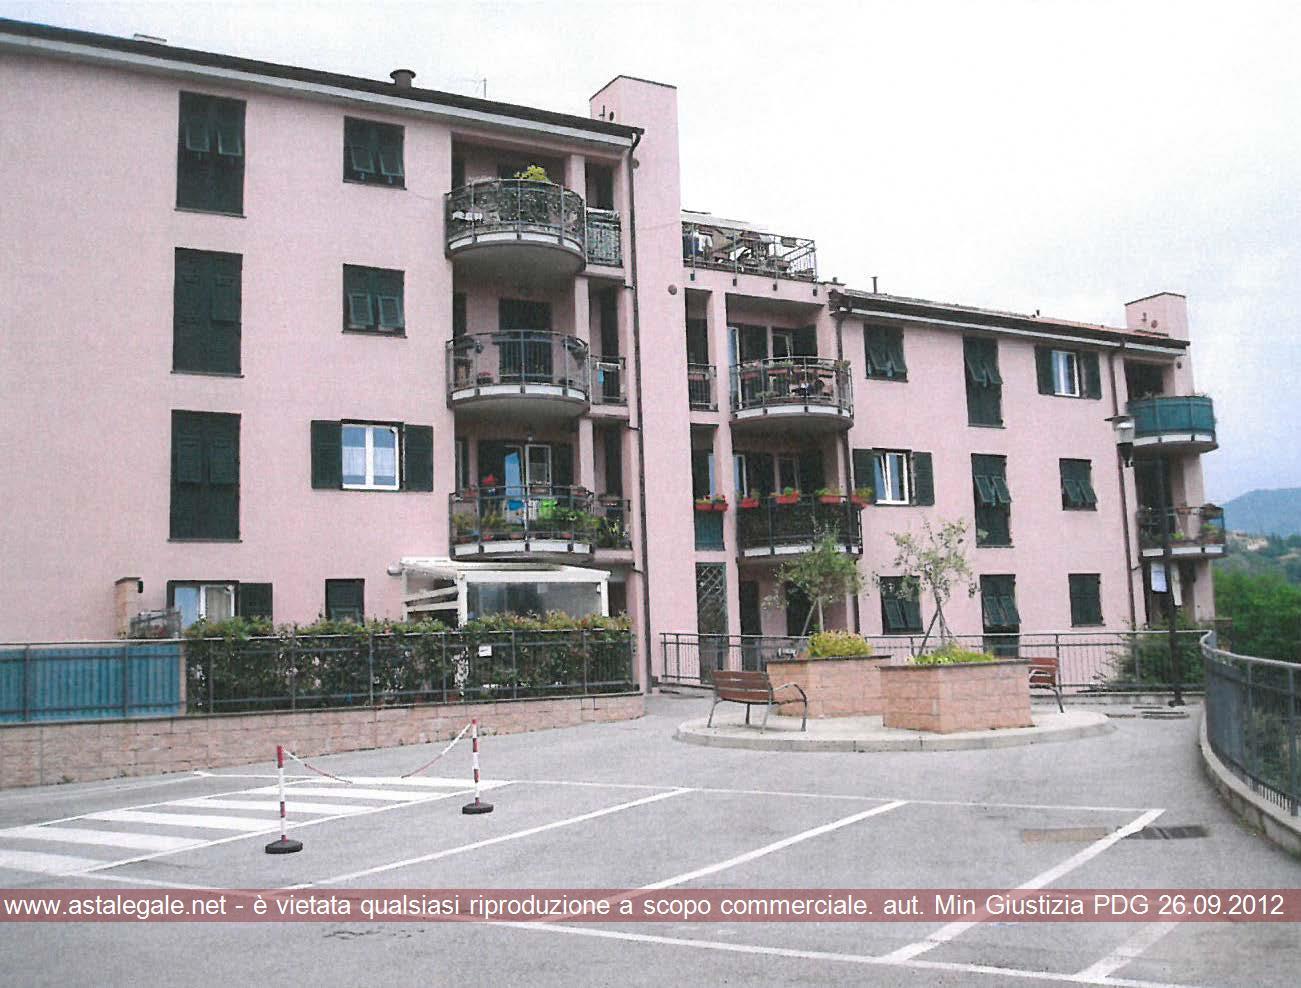 Genova (GE) Sez. Sampierdarena - Via San Biagio di Val Polcevera 20/H